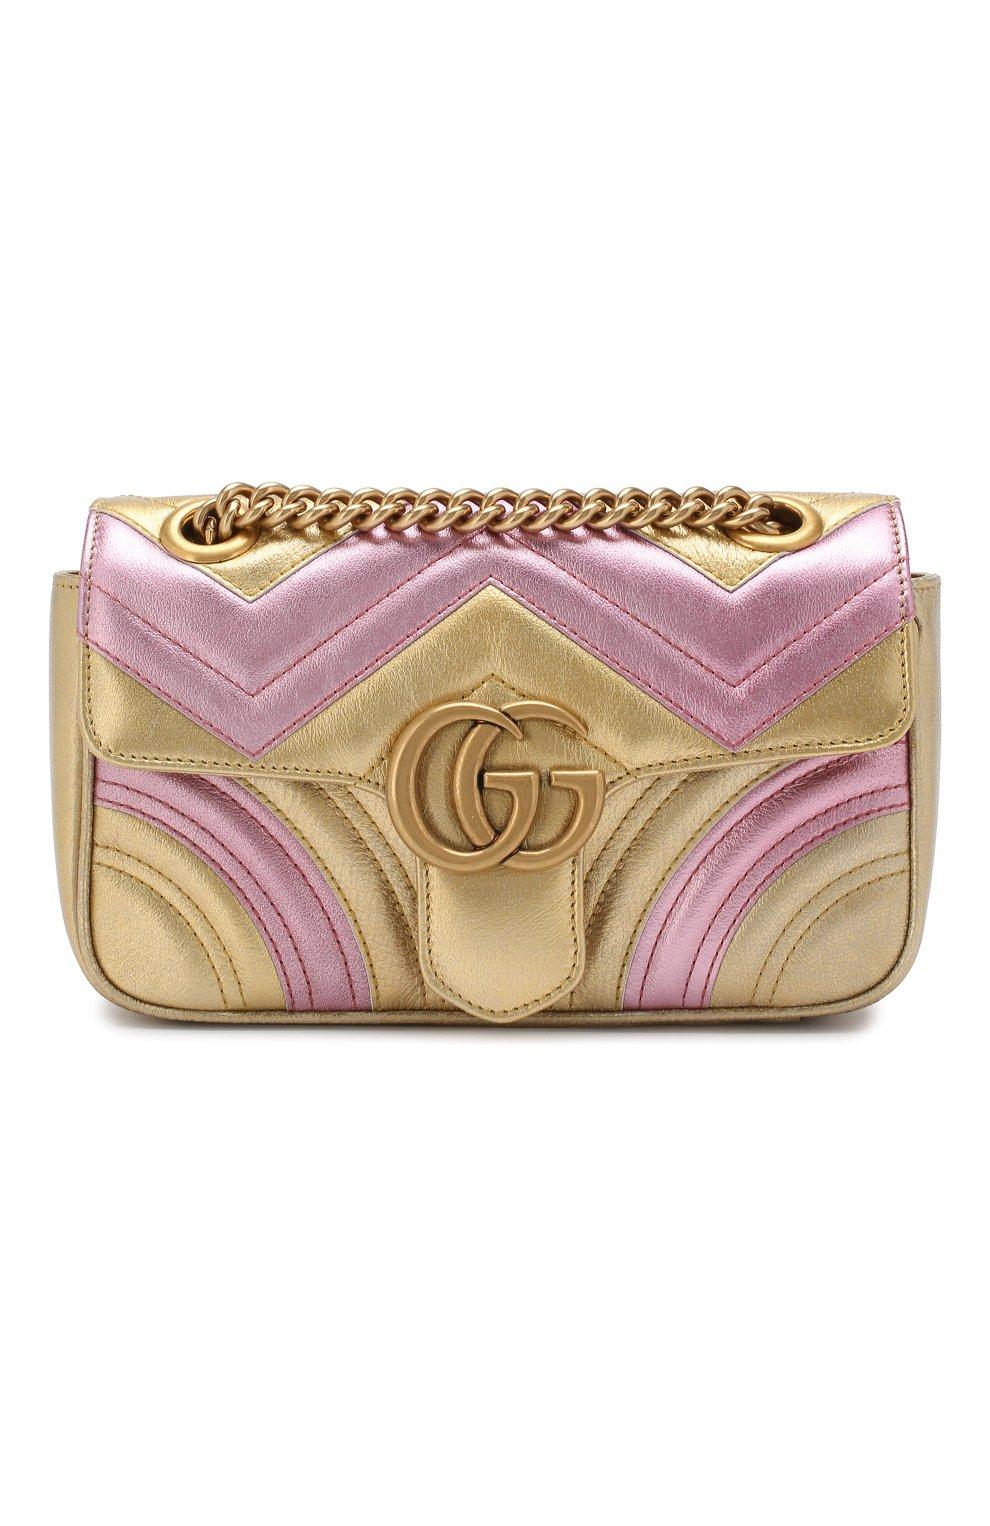 Сумка GG Marmont mini  Gucci золотая цвета   Фото №1